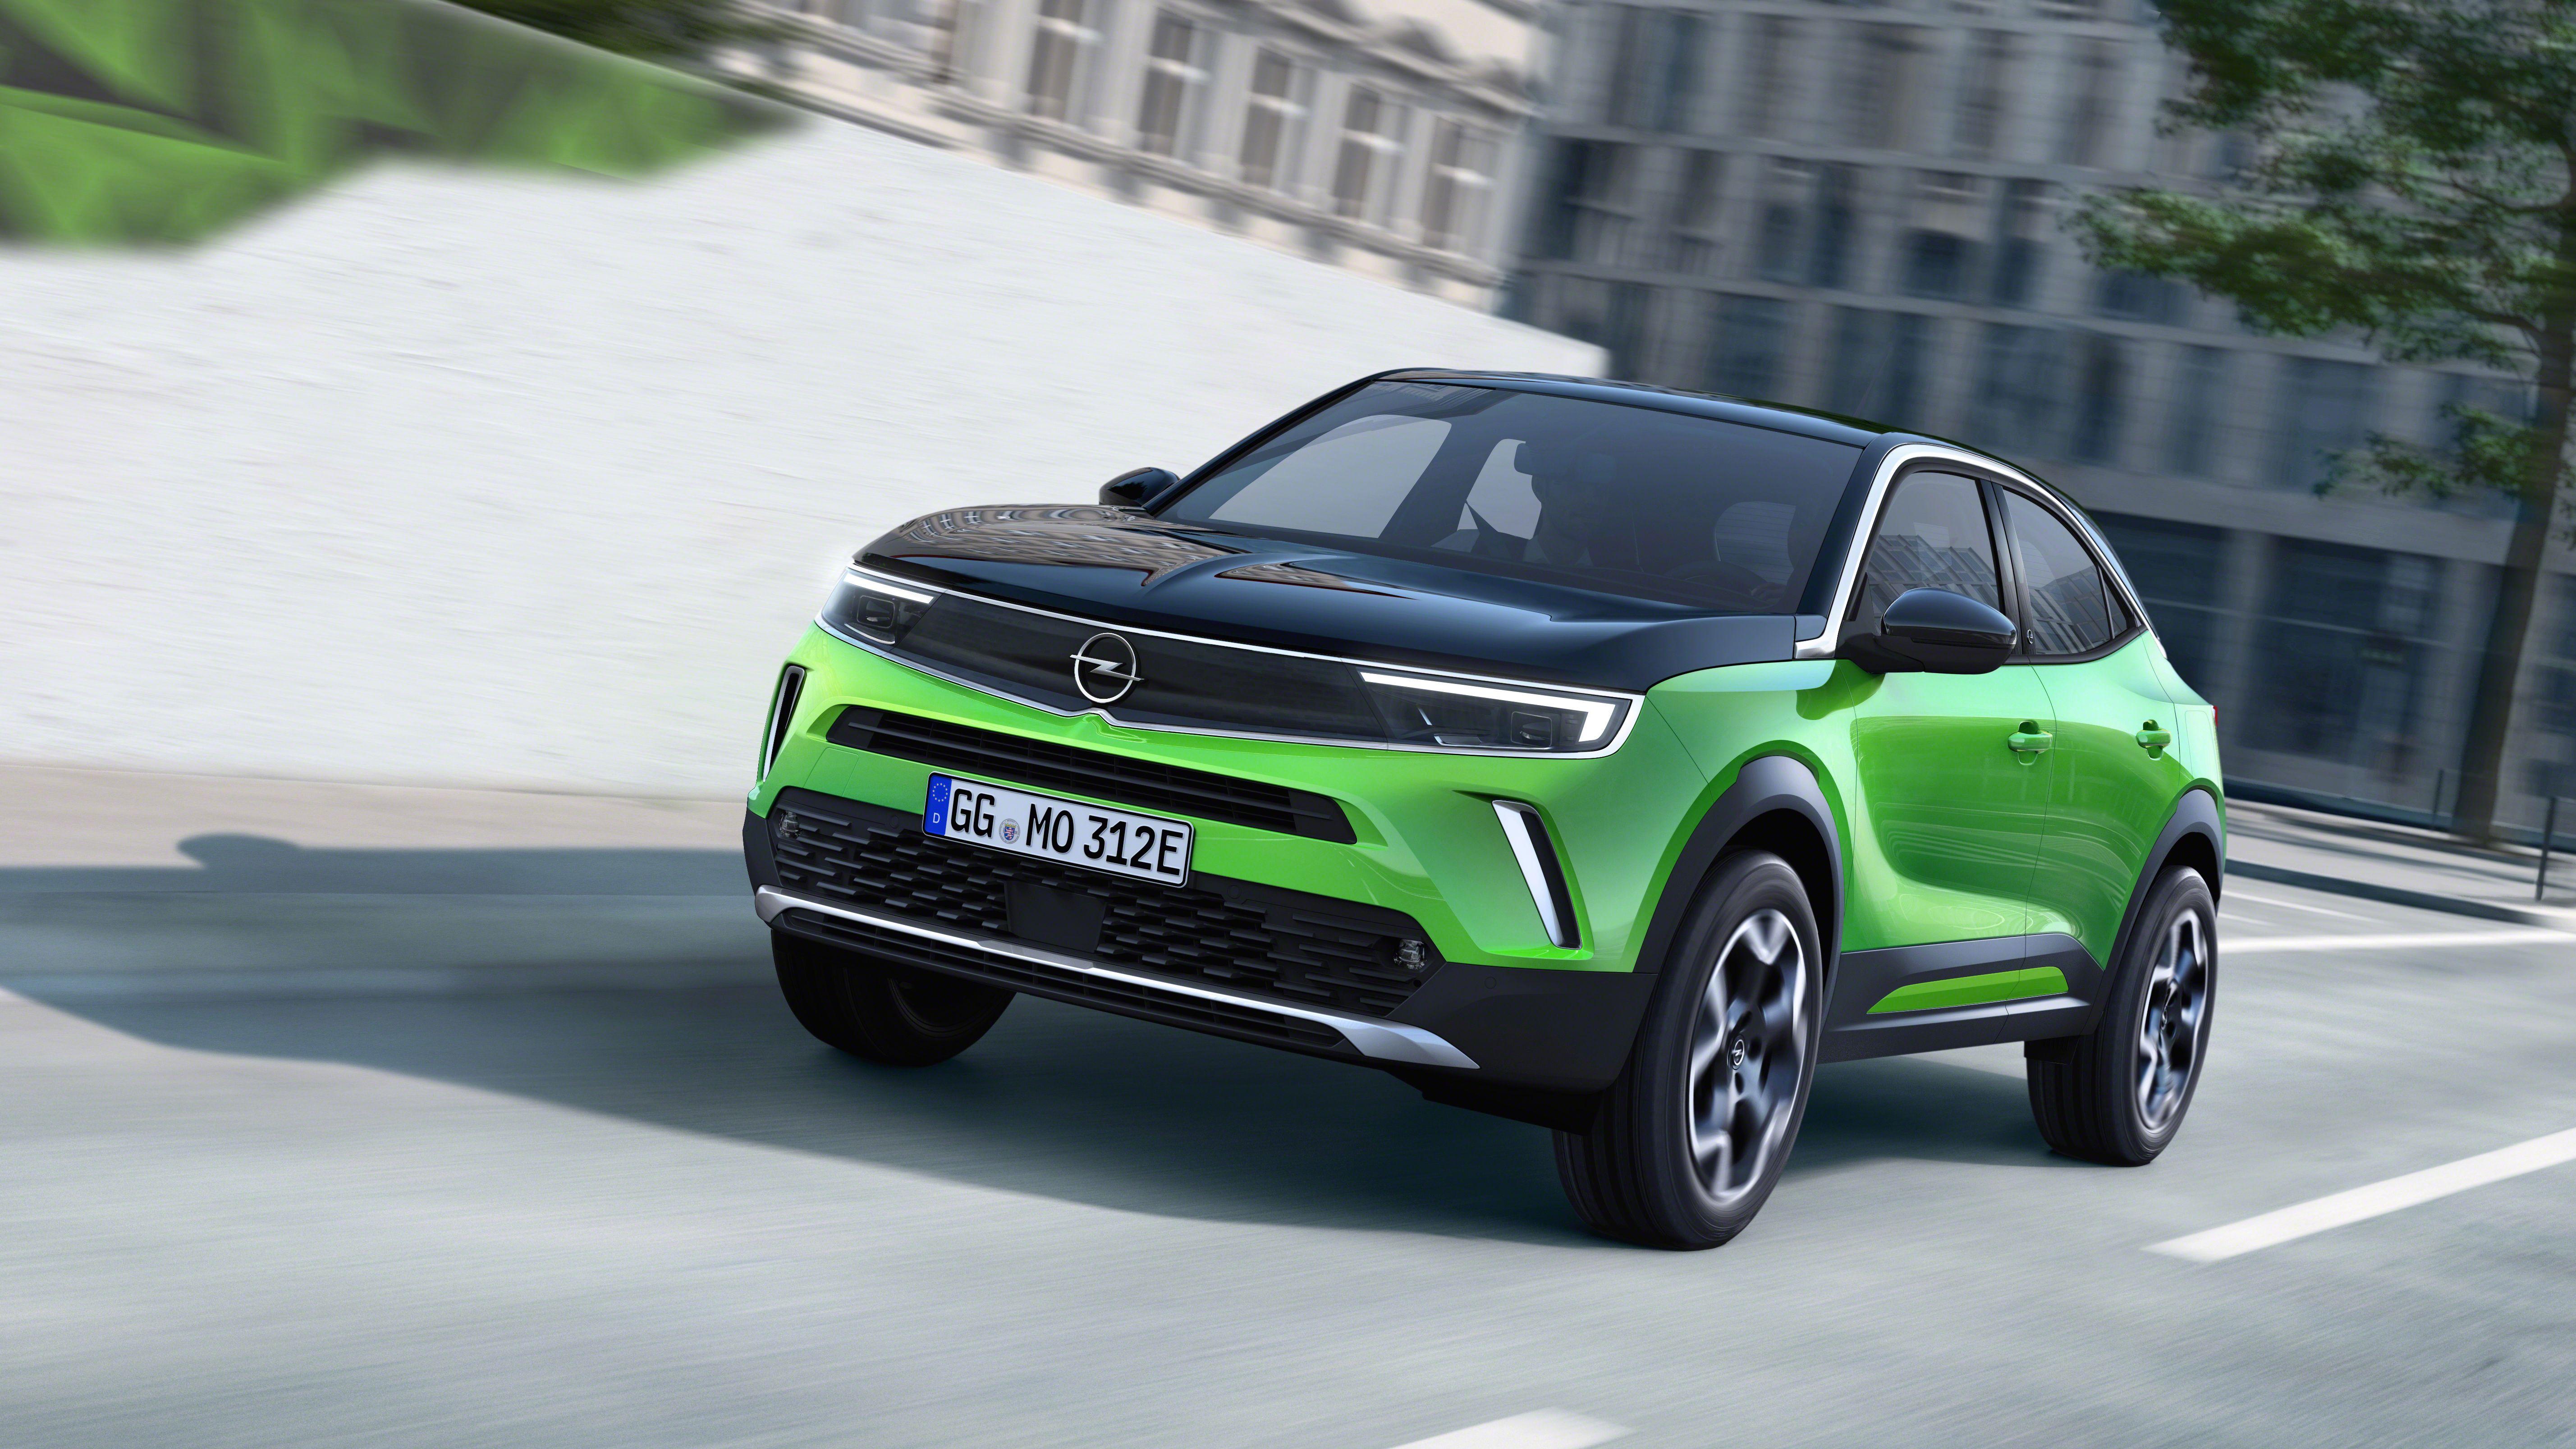 2021 Opel Mokka E Top Speed In 2020 Opel Mokka Vauxhall Mokka Opel